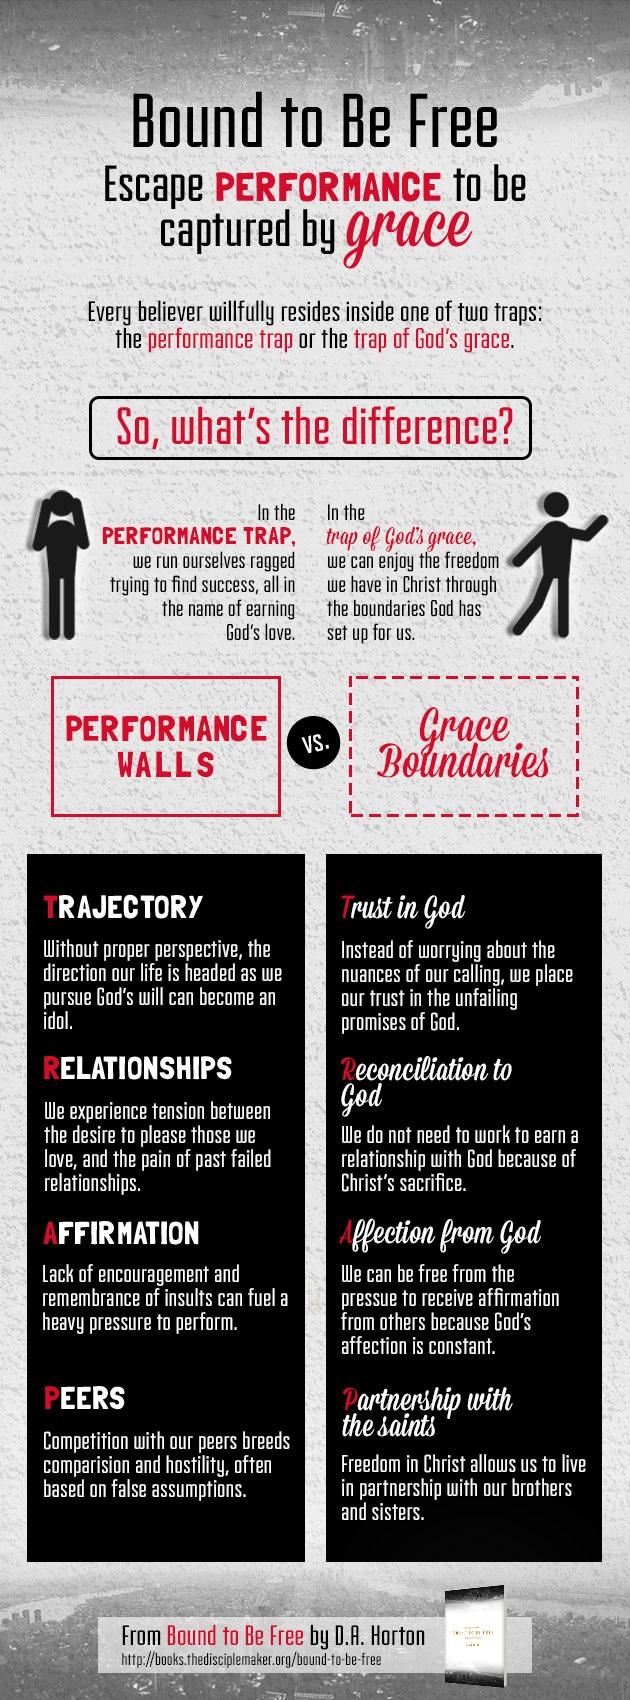 BoundtoBeFree_Infographic